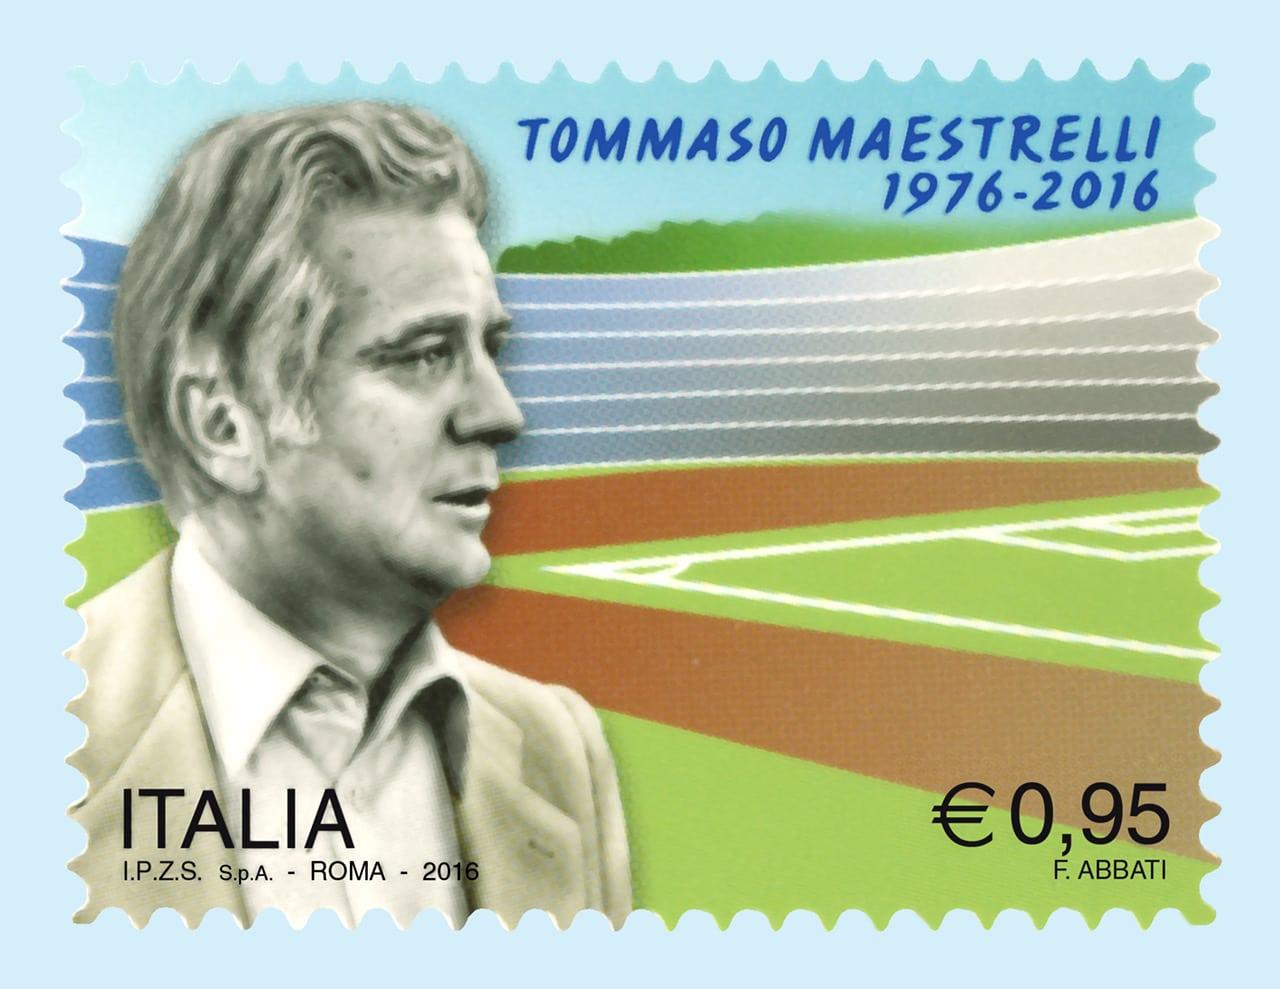 Tommaso Maestrelli, il ricordo tra francobolli, libri e spettacoli teatrali